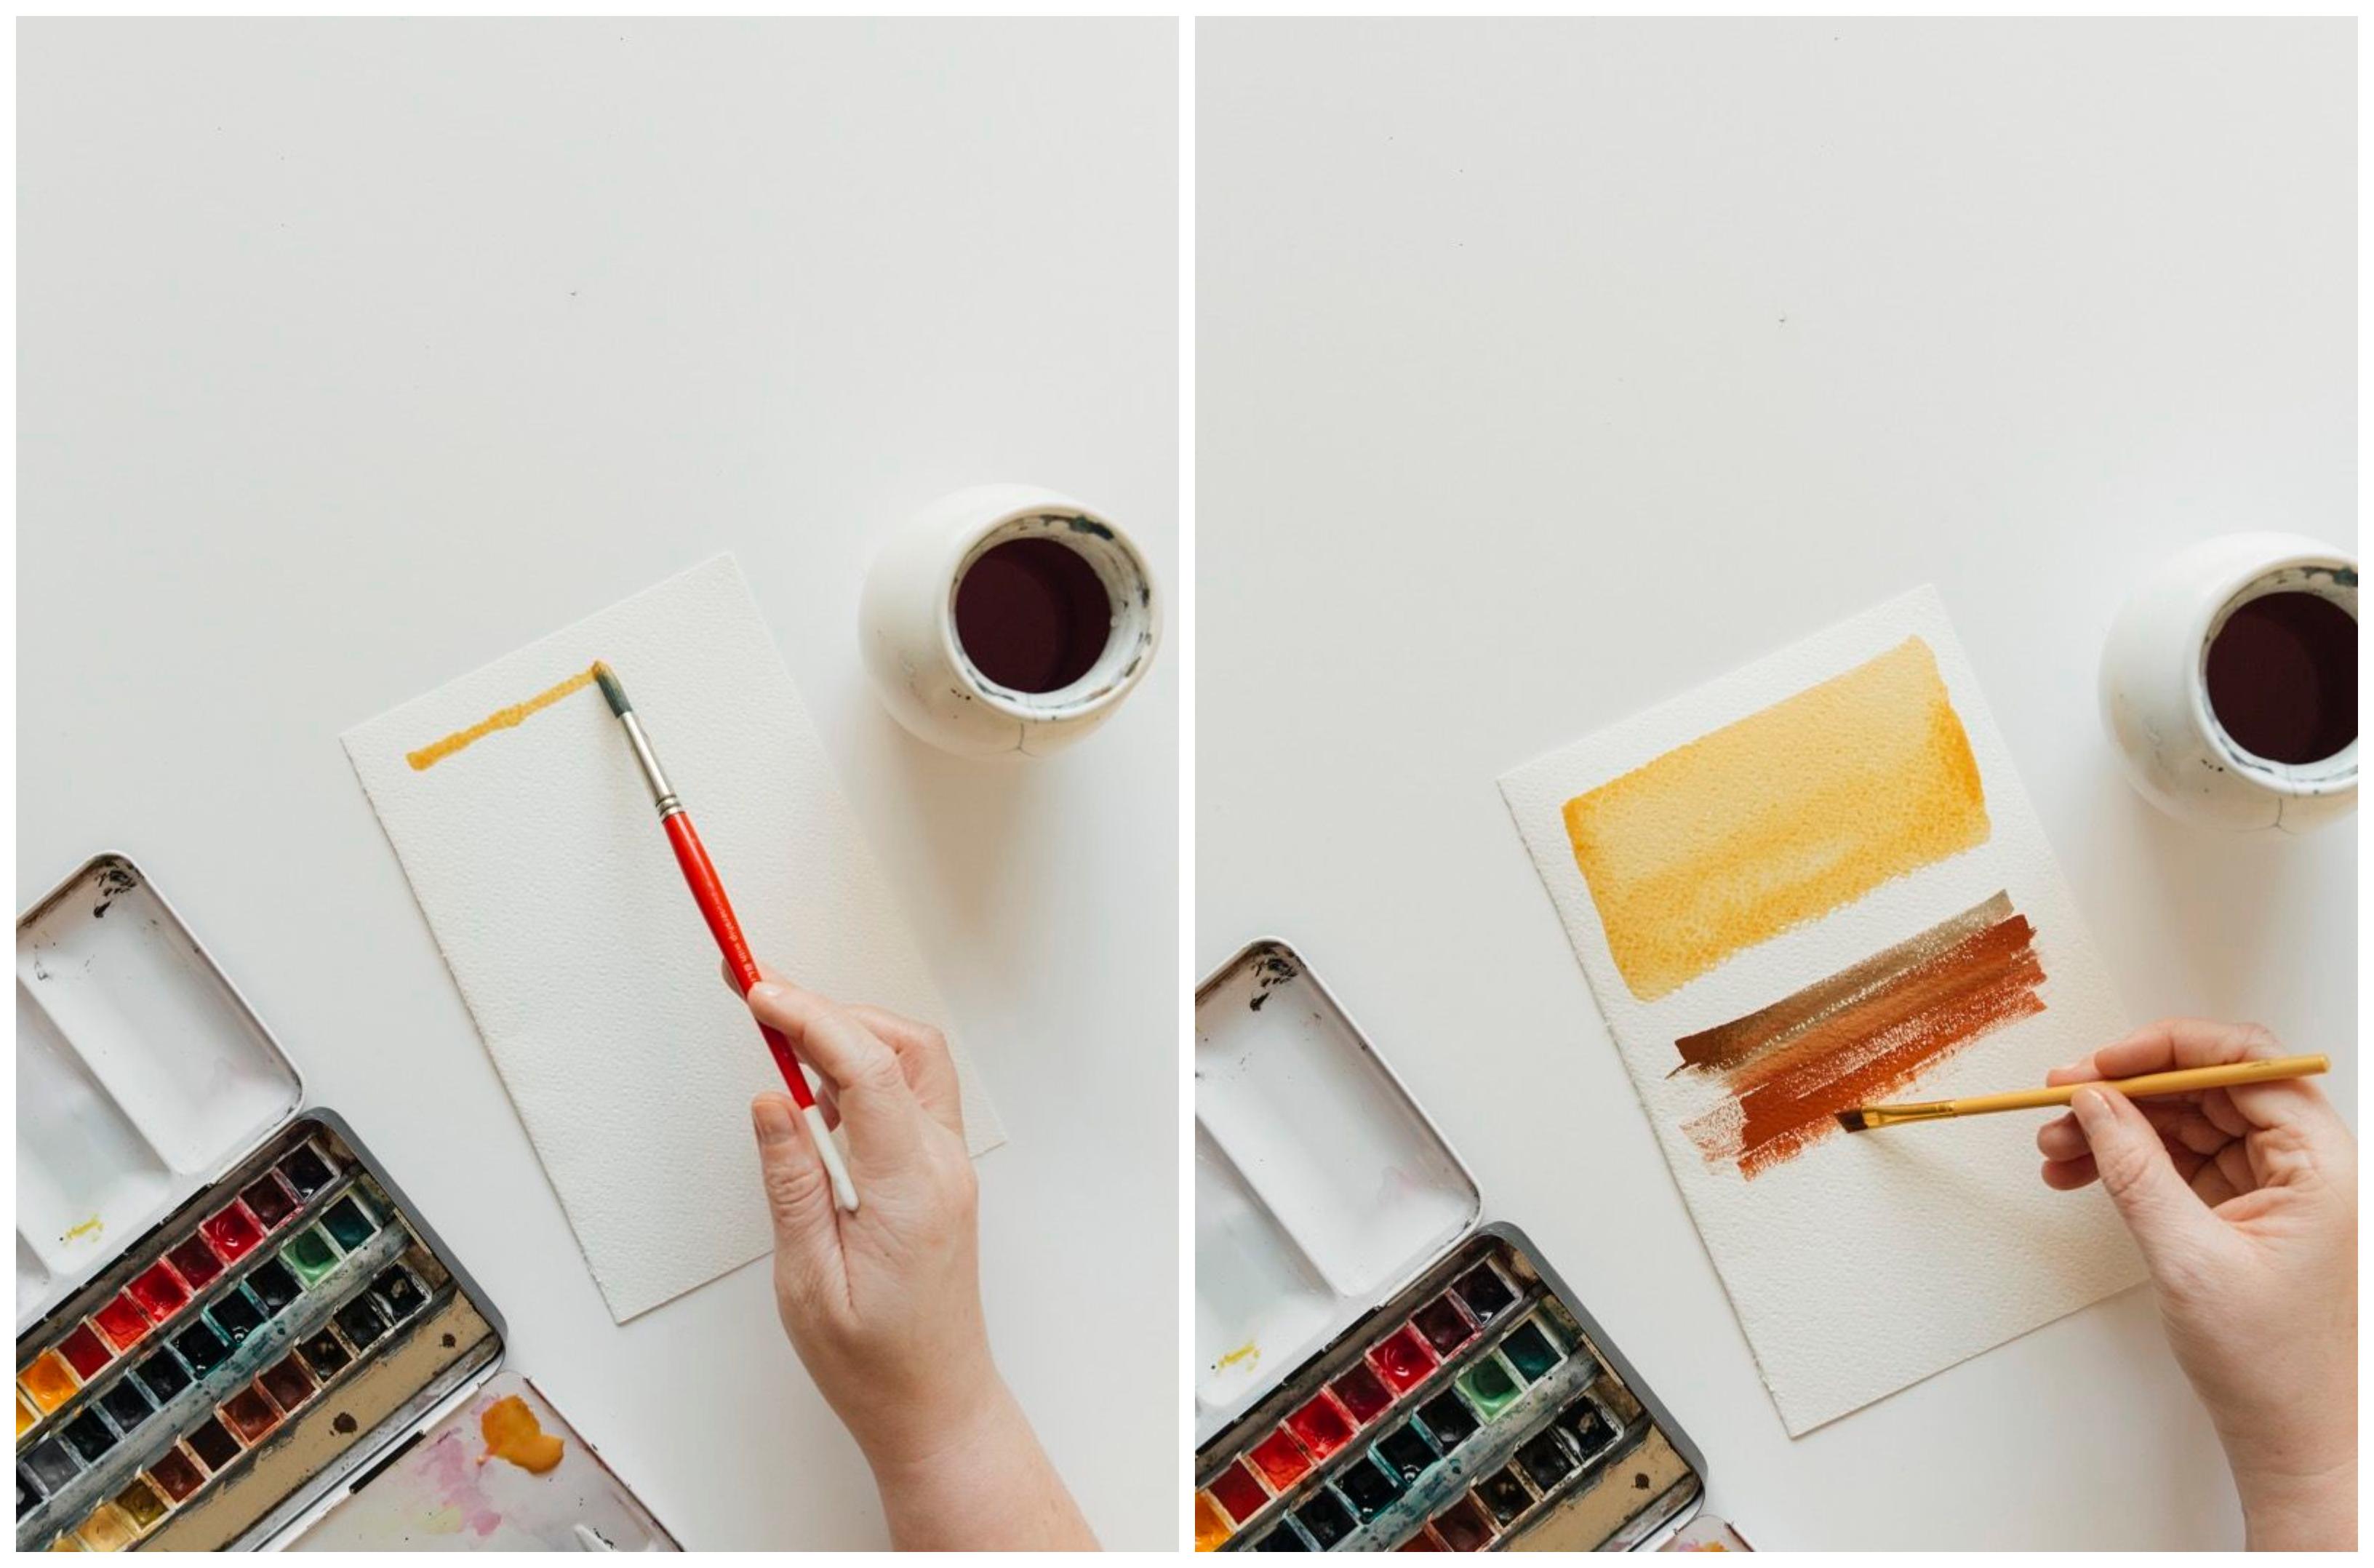 tecnicas de pintura con acuarelas explicadas paso a paso, como pintar con acuarela húmedo sobre seco, fotos de pinturas acuarela